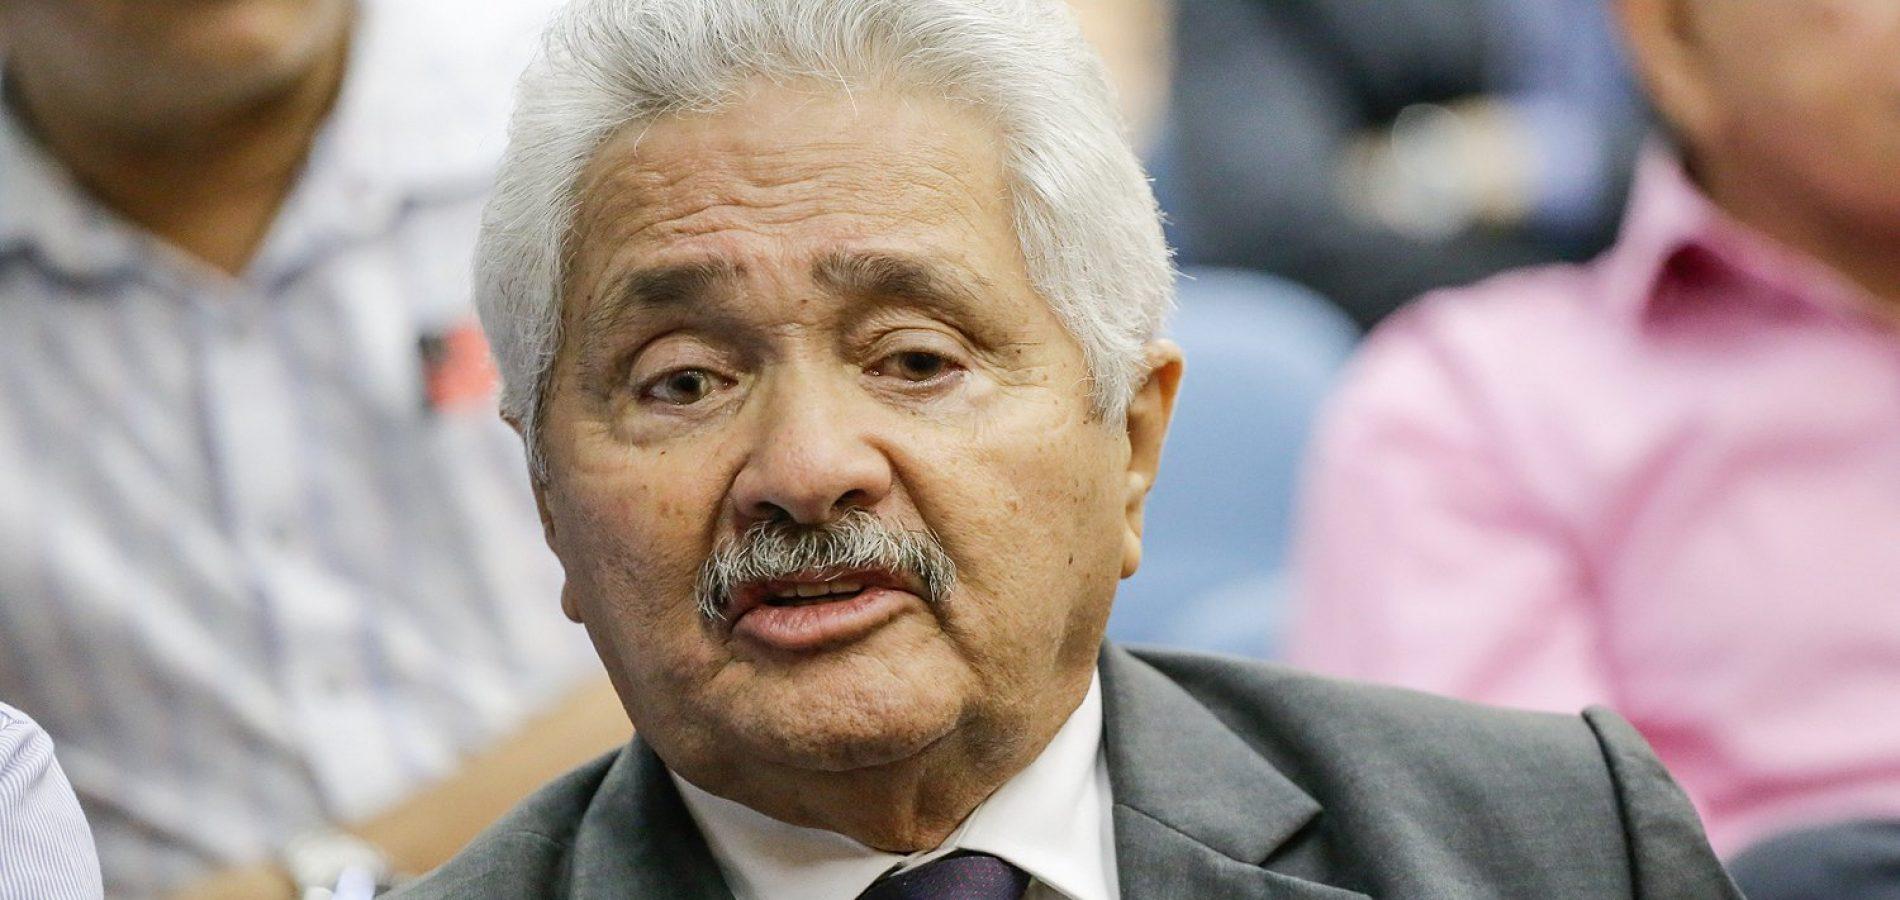 Elmano Férrer confirma três candidatos a senador em sua chapa